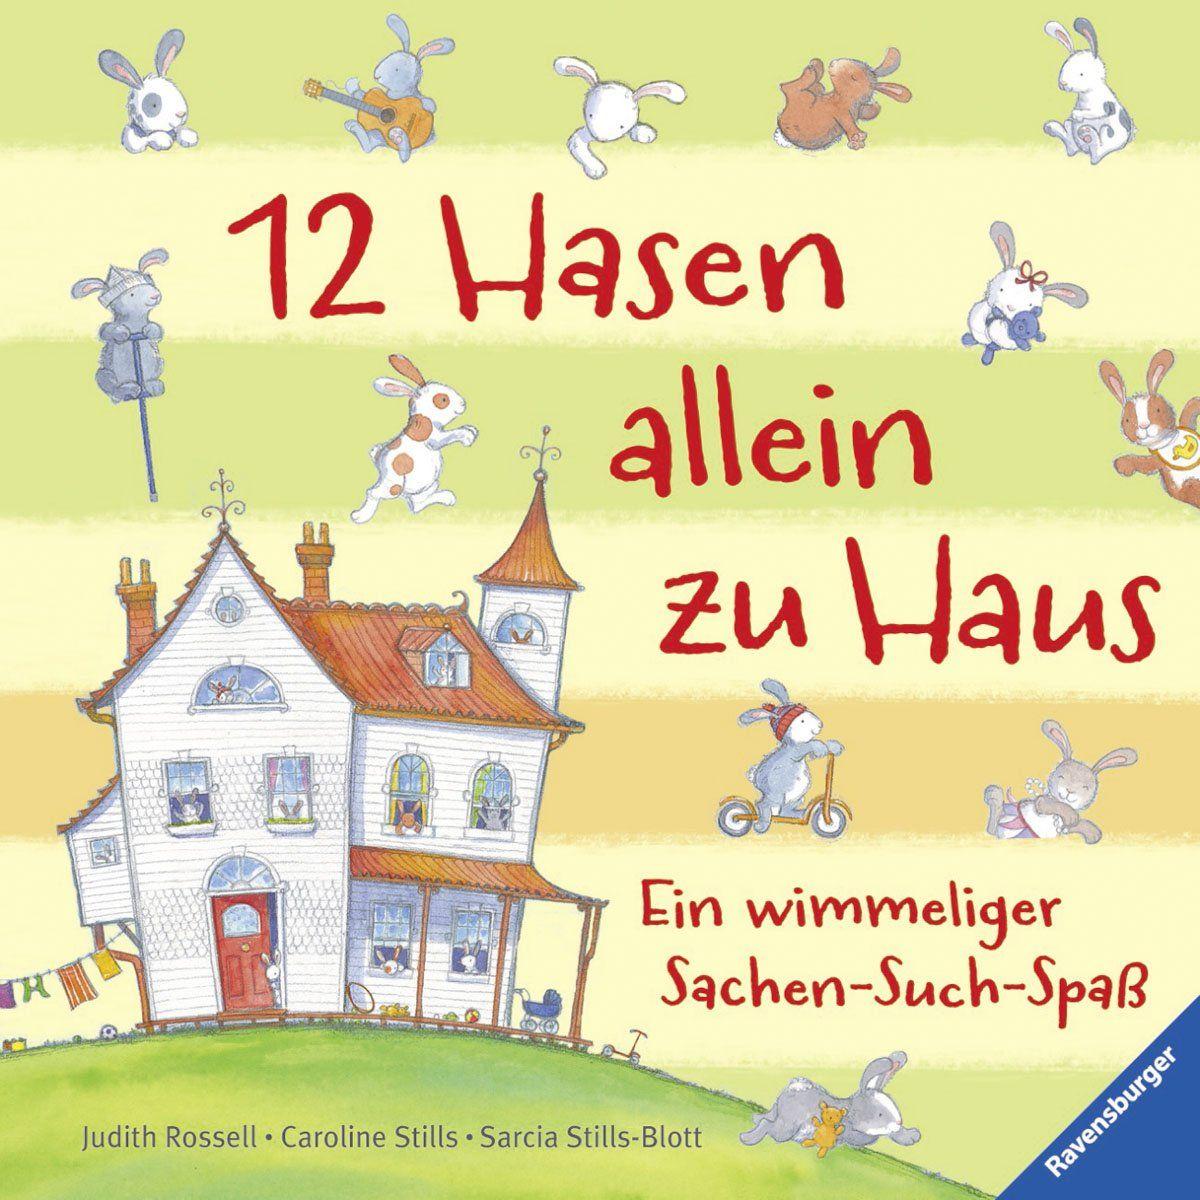 12 Hasen allein zu Haus: Ein wimmeliger Sachen-Such-Spaß: Amazon.de ...